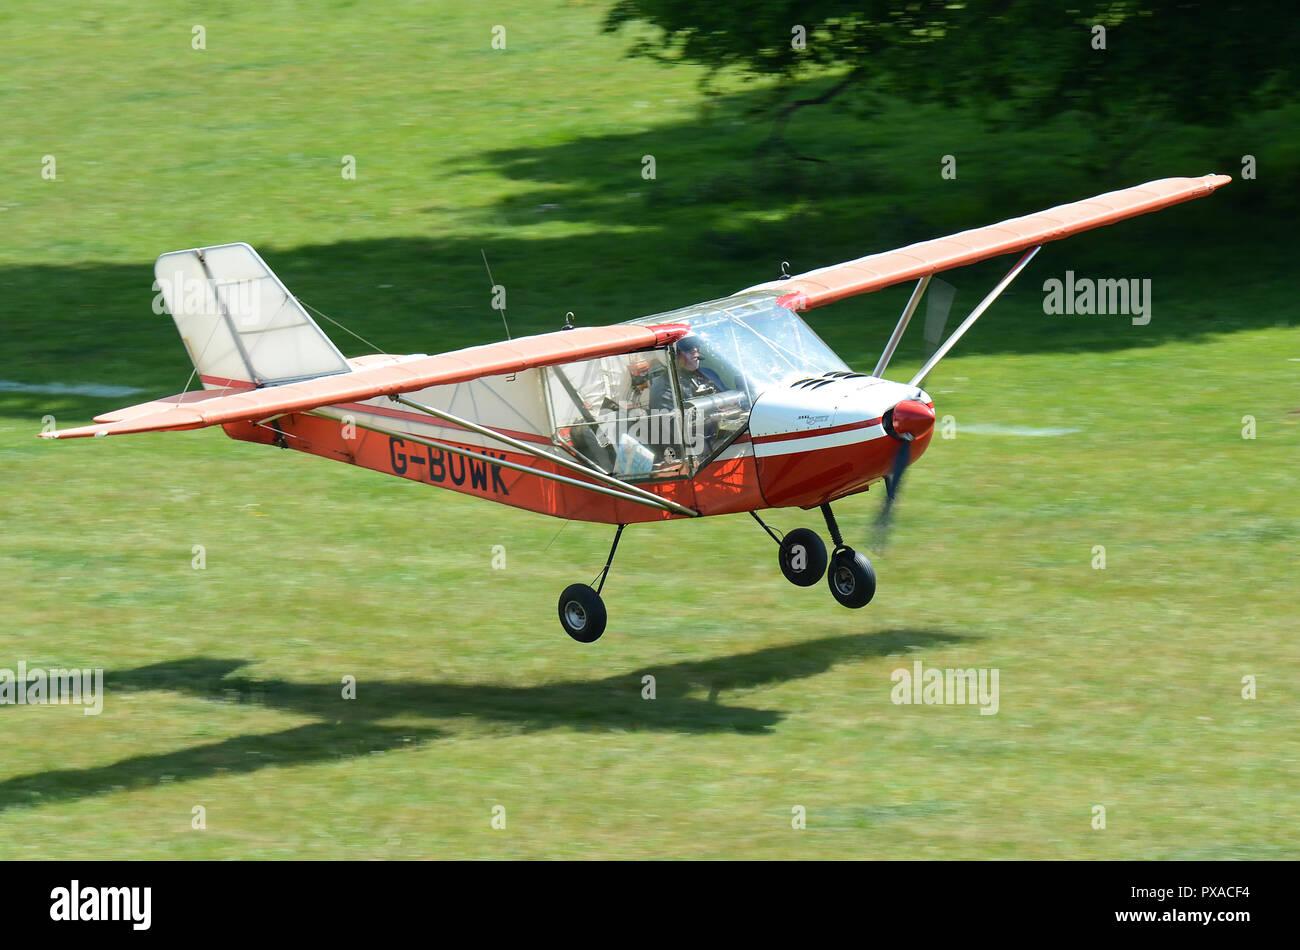 Light Sport Aircraft Stock Photos & Light Sport Aircraft